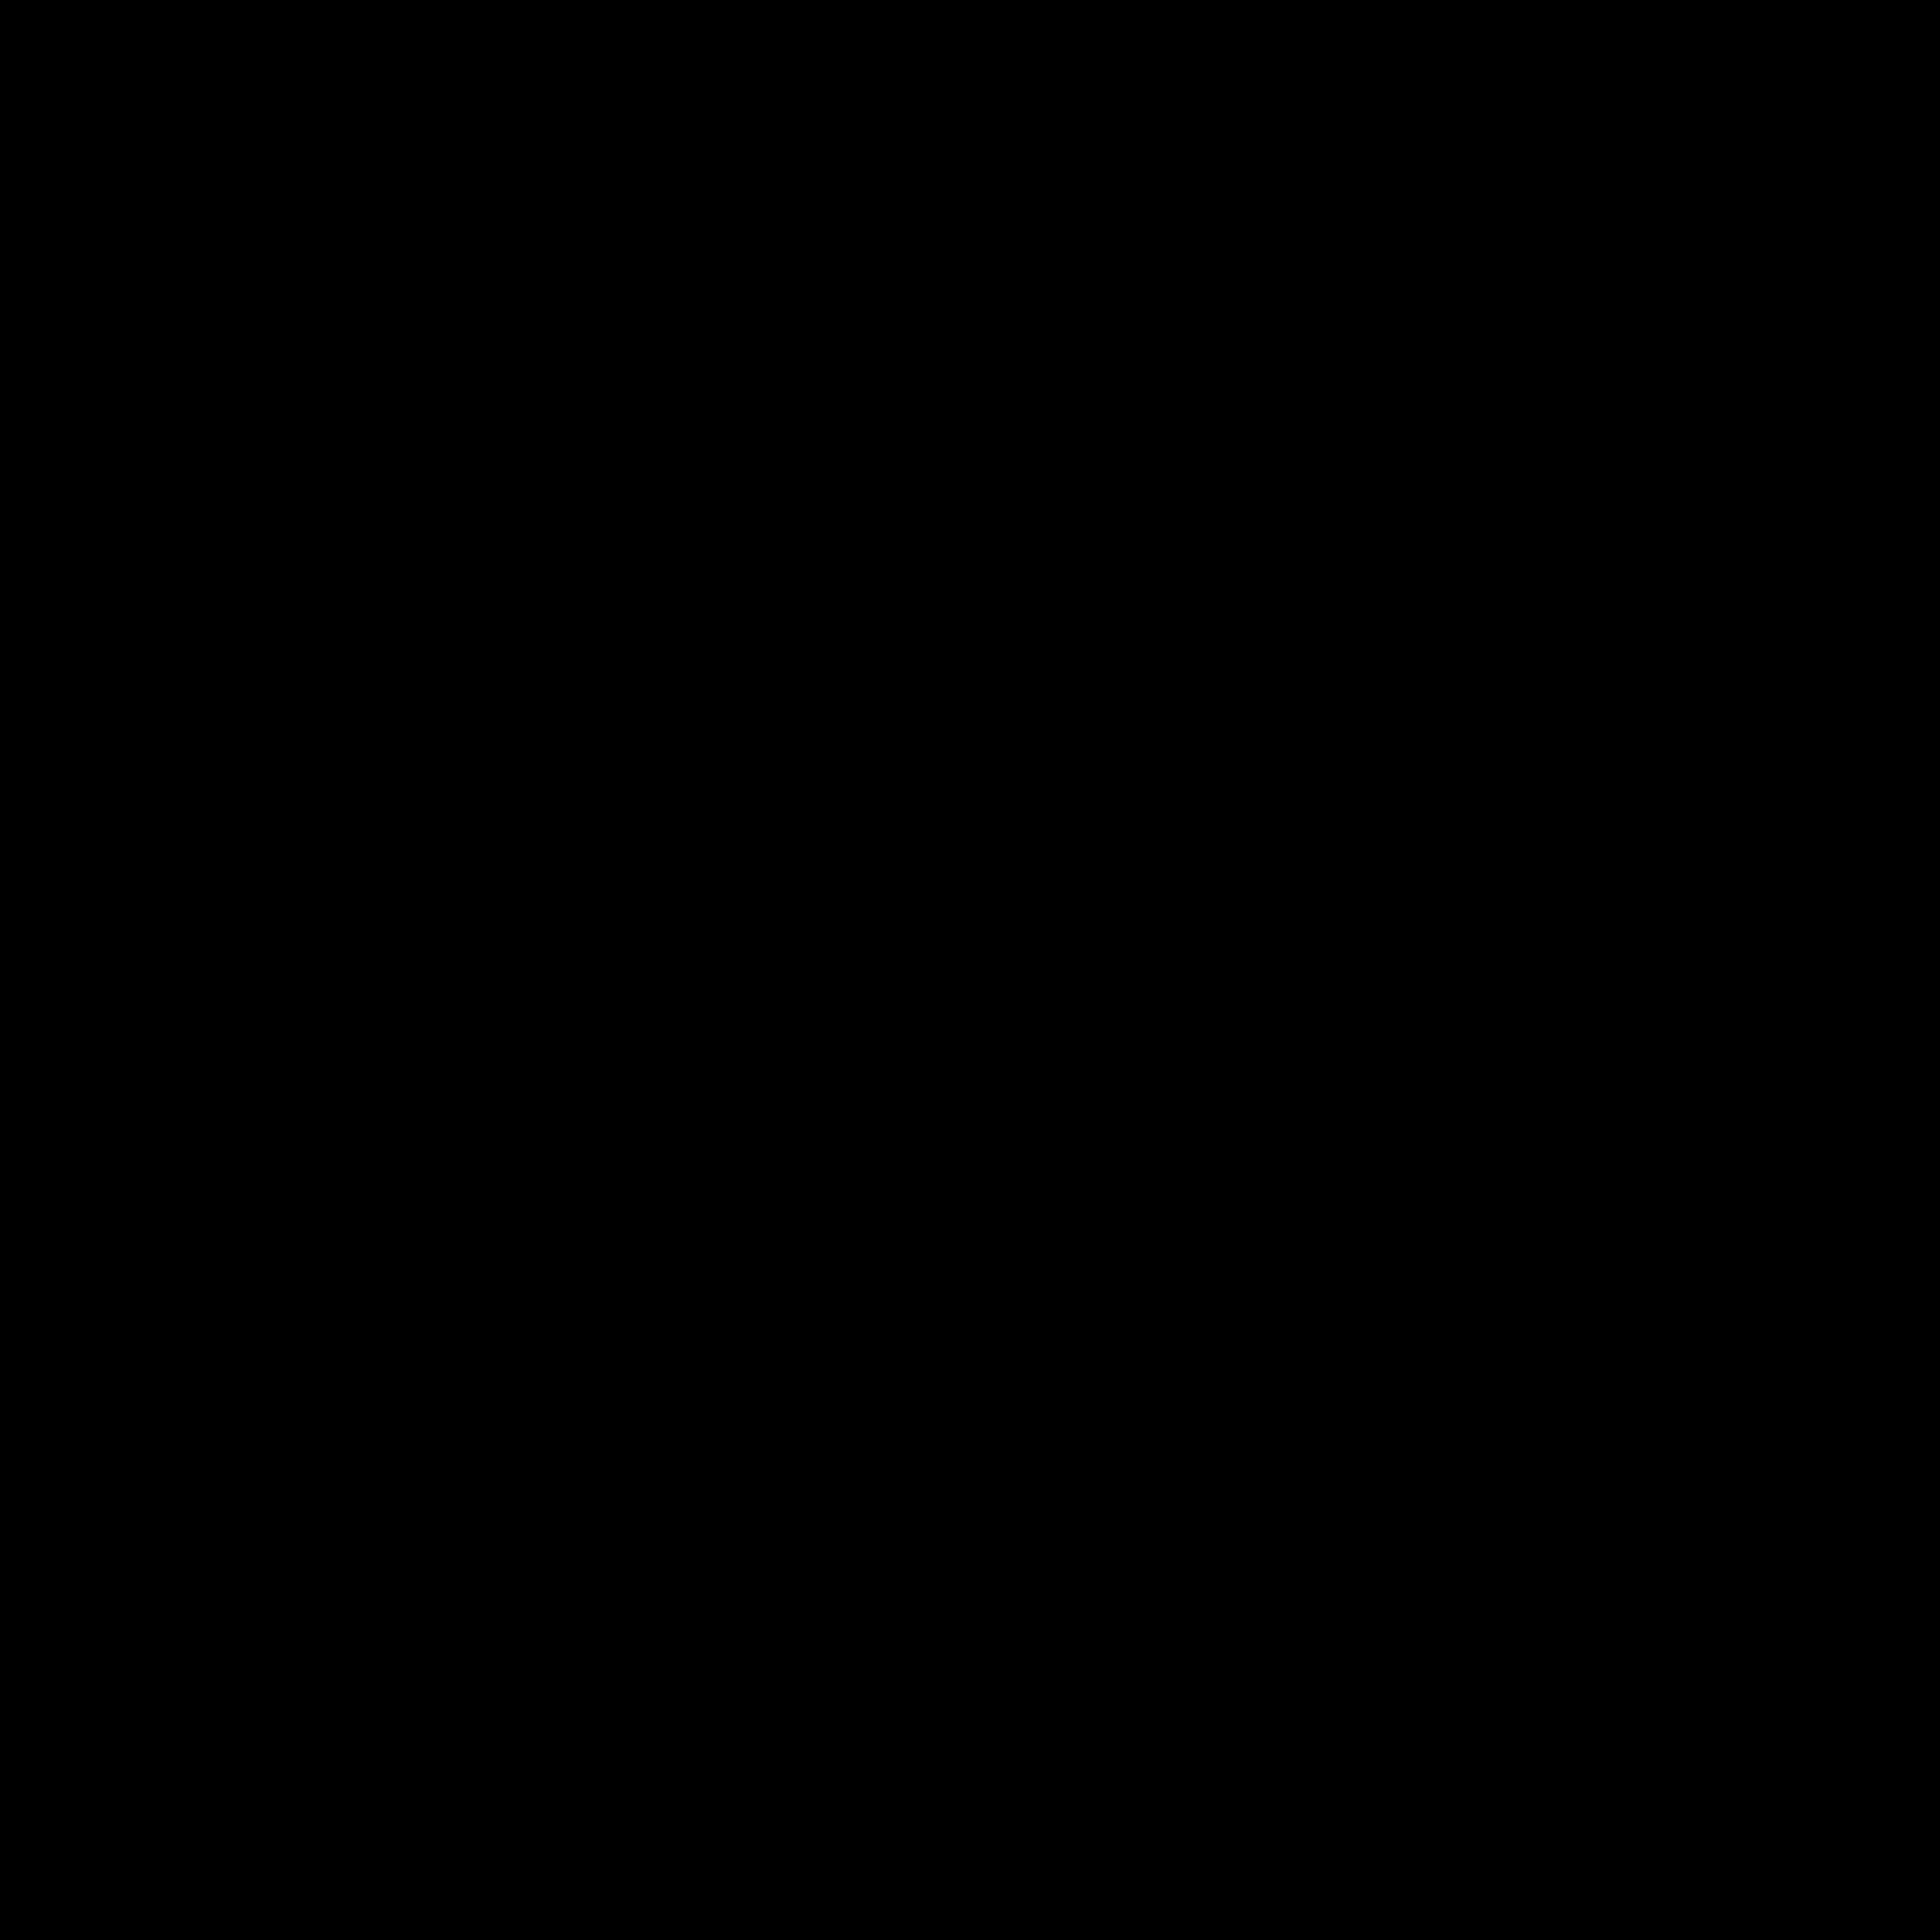 Eco-felicidad-Hello Mami 5D Ecografía 5D - 4D. Ecos 5D en Parla e Illescas, Parla, España